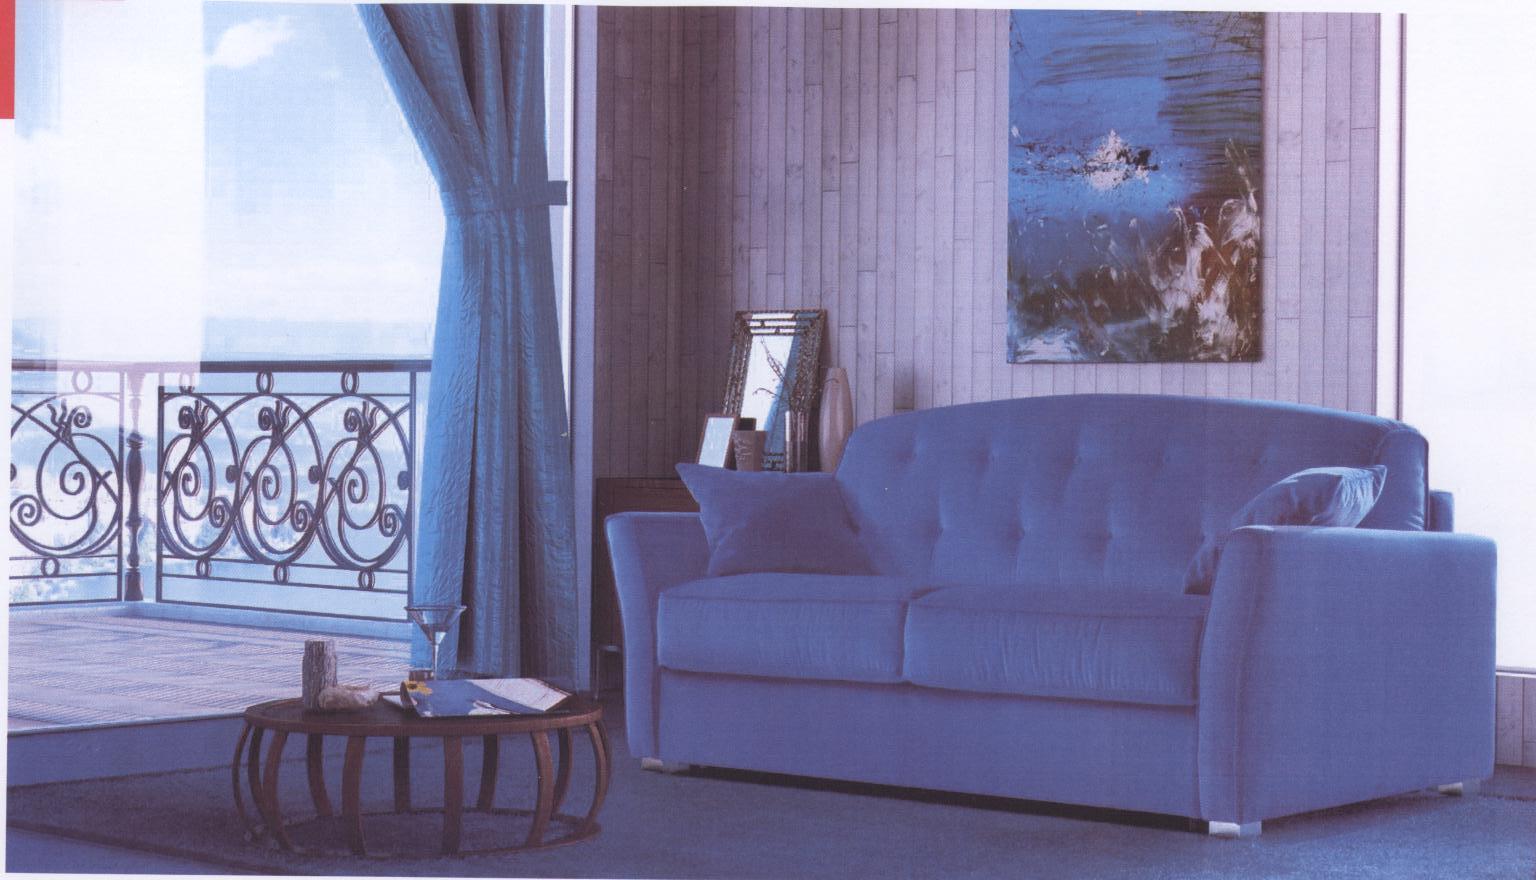 Vendita divani letto bonino design for Vendita design